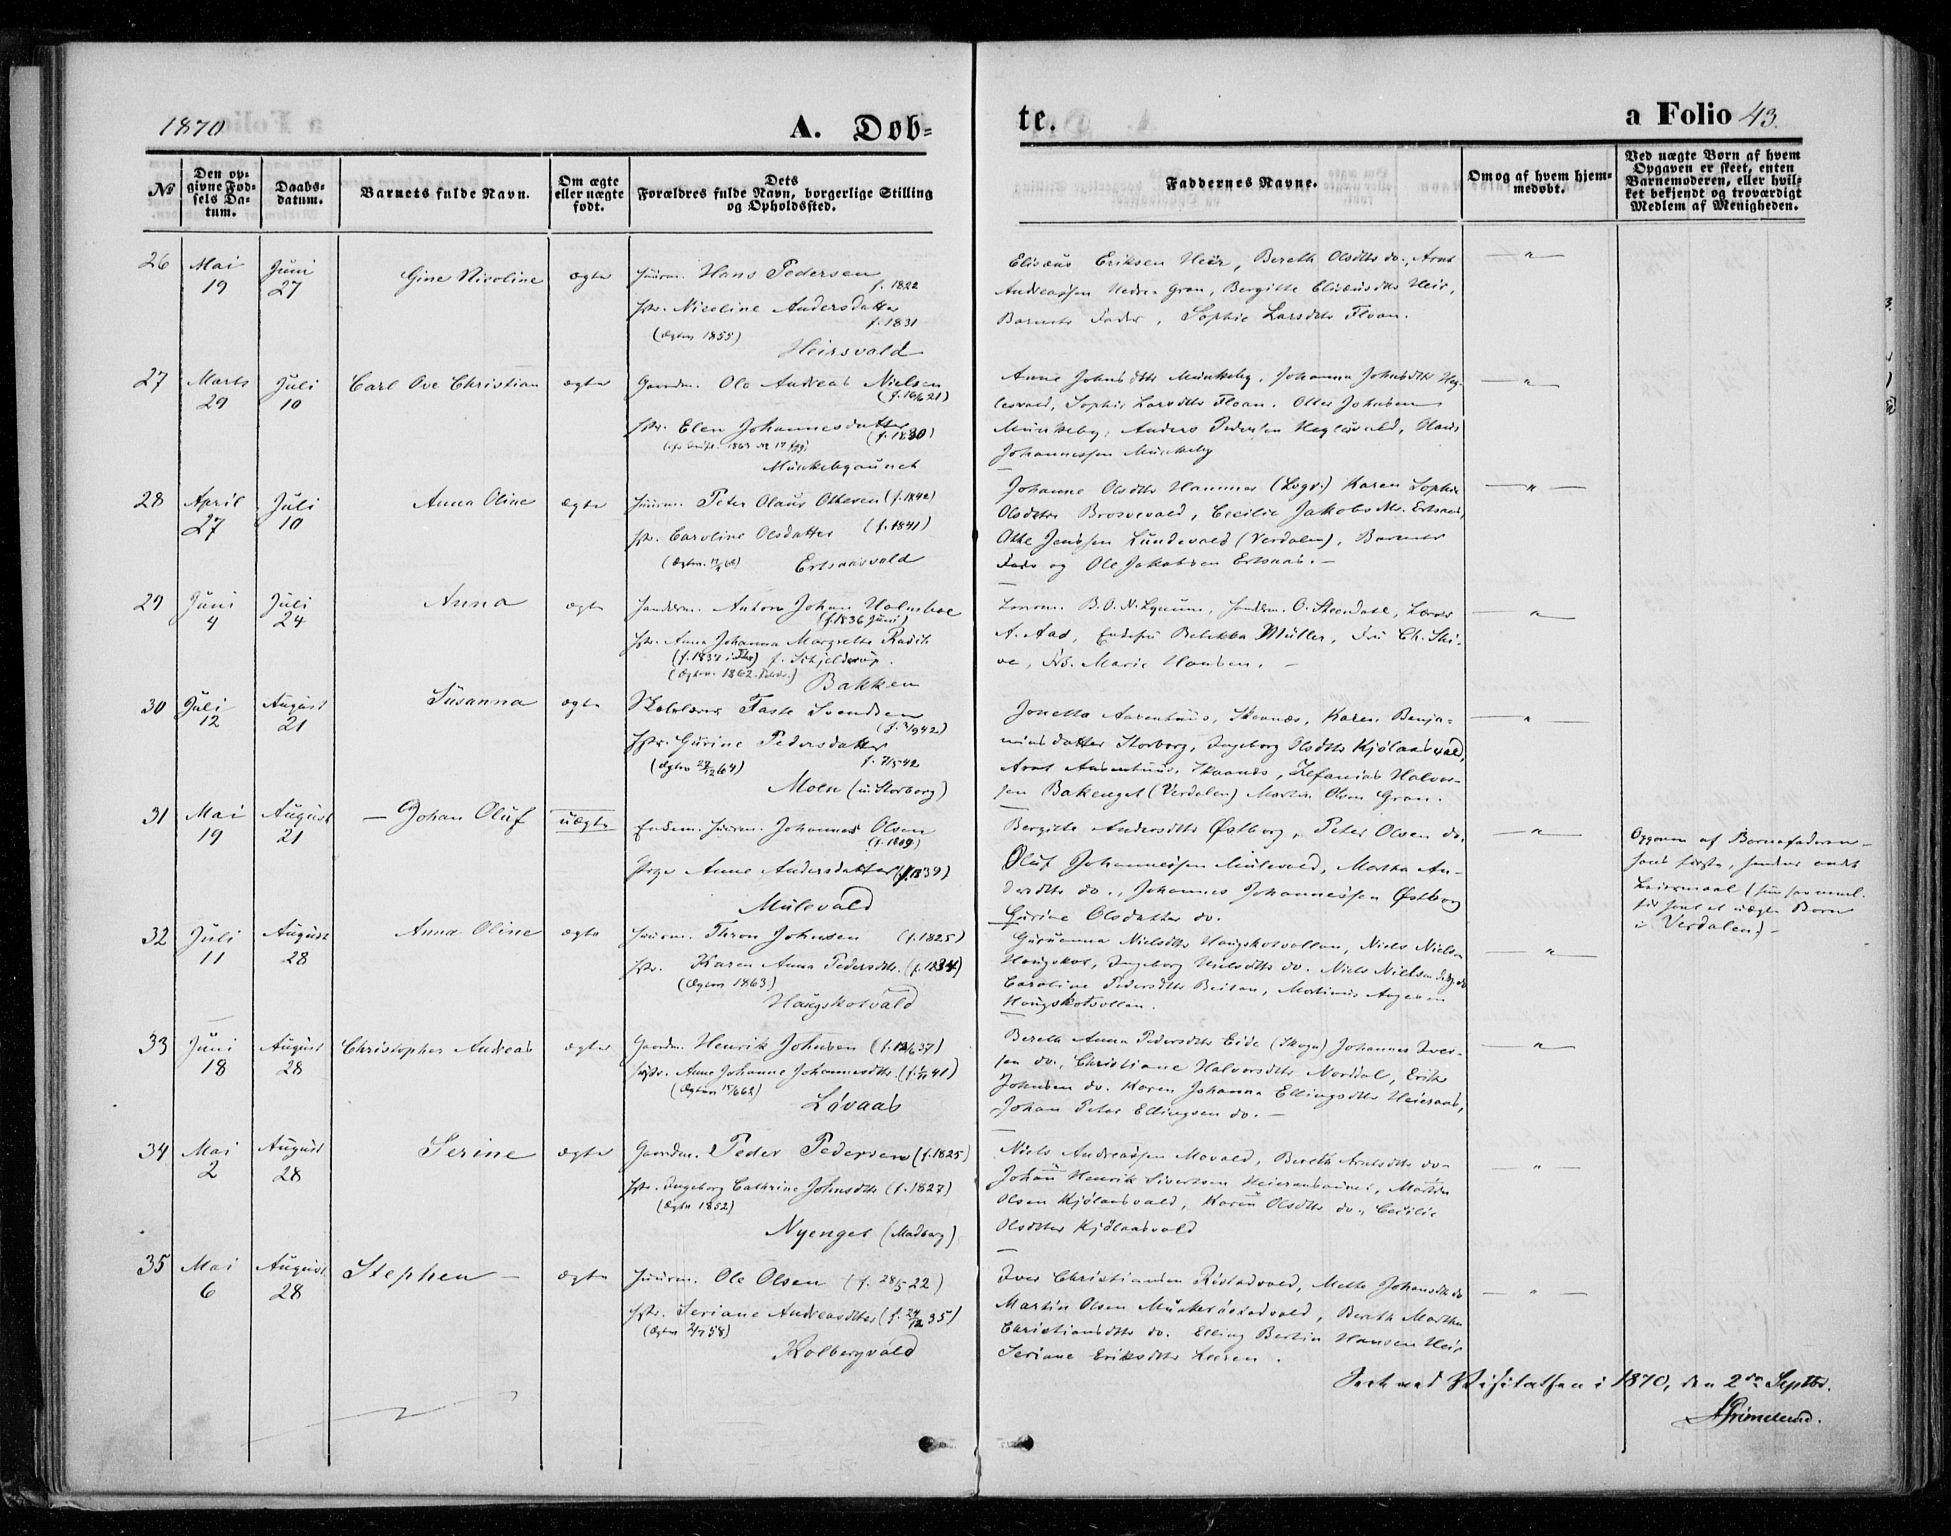 SAT, Ministerialprotokoller, klokkerbøker og fødselsregistre - Nord-Trøndelag, 721/L0206: Ministerialbok nr. 721A01, 1864-1874, s. 43